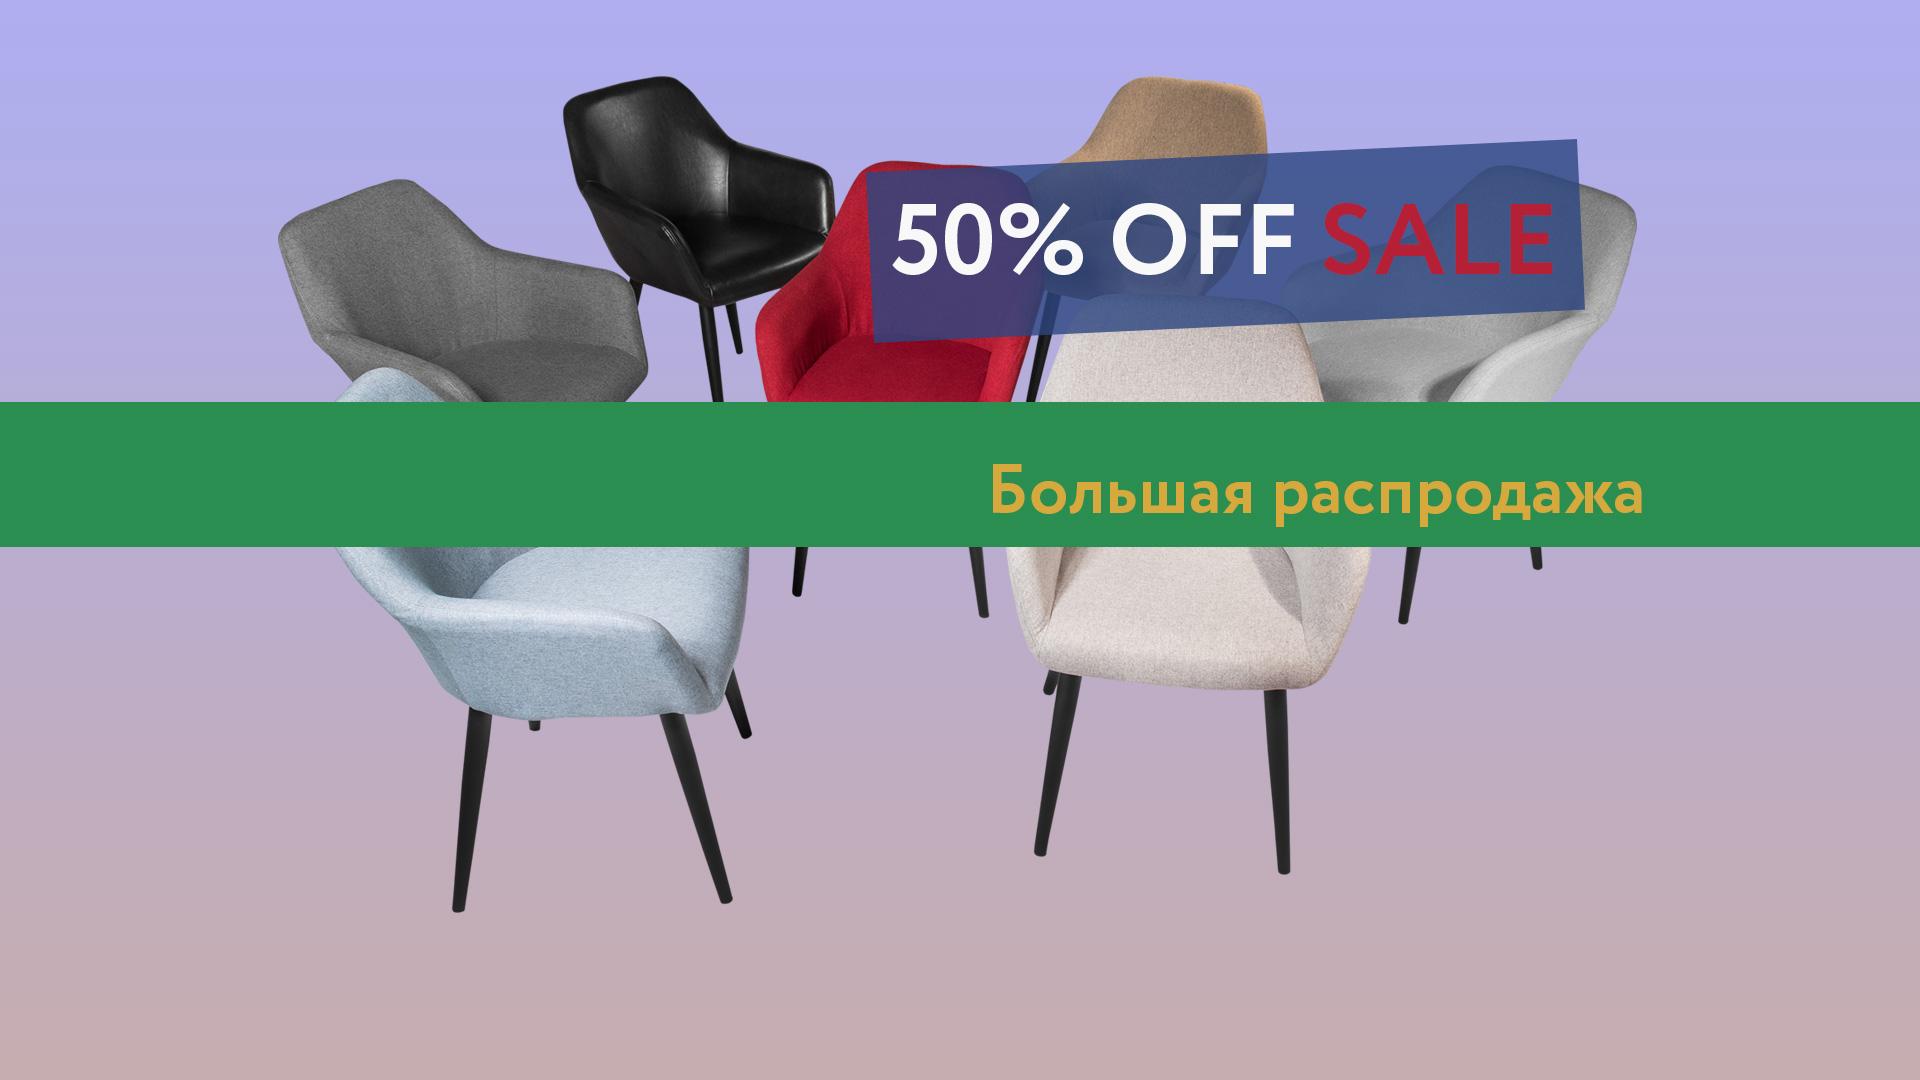 Скидки на стулья до 50%